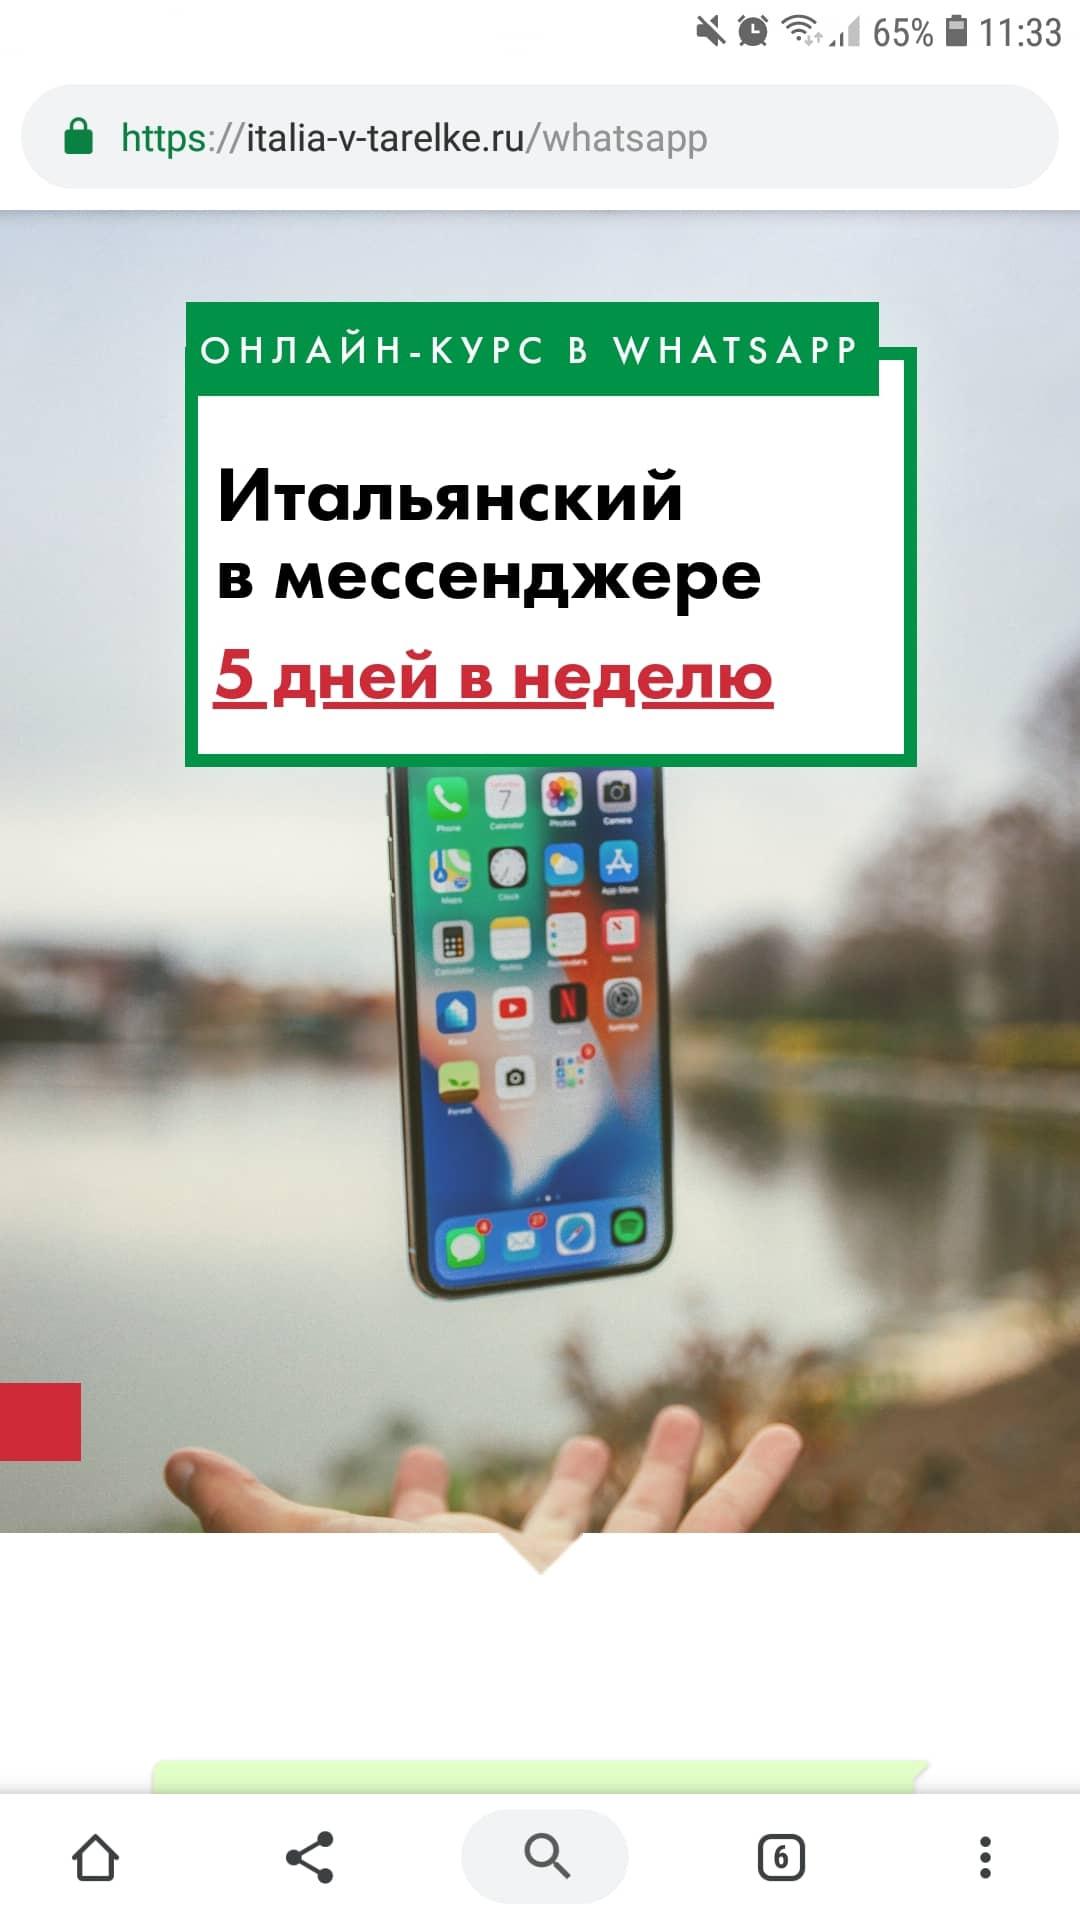 5c9b438e80638750085994.jpeg